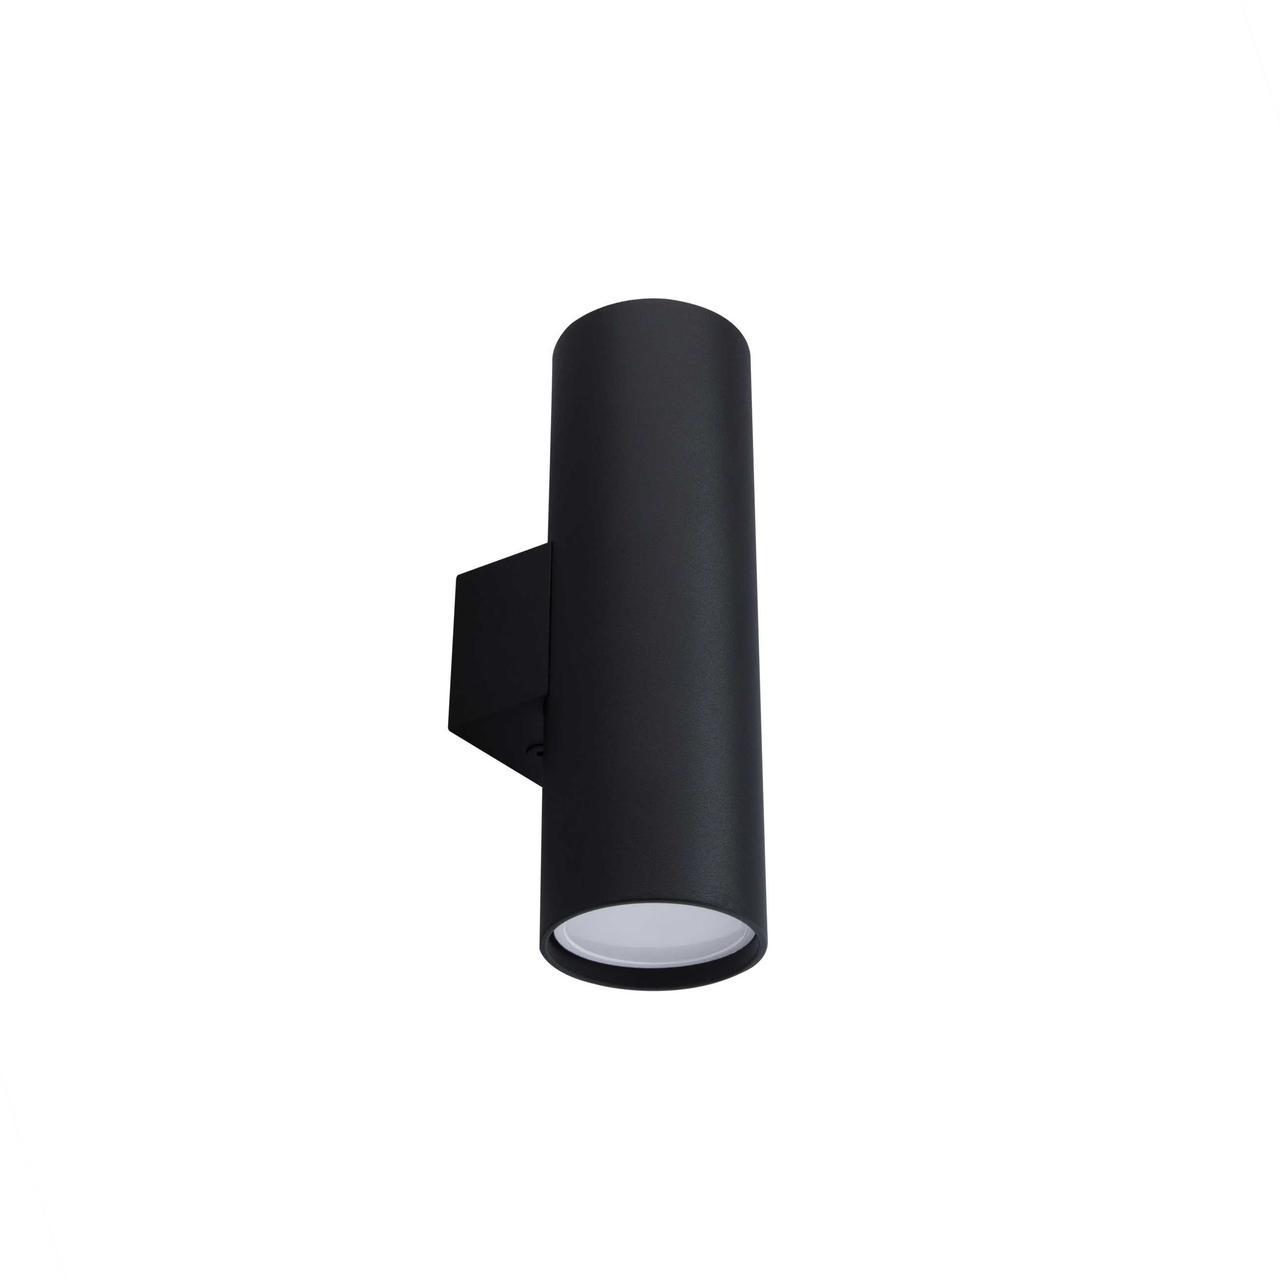 Бра Хай-Тек черное WL1604 BK